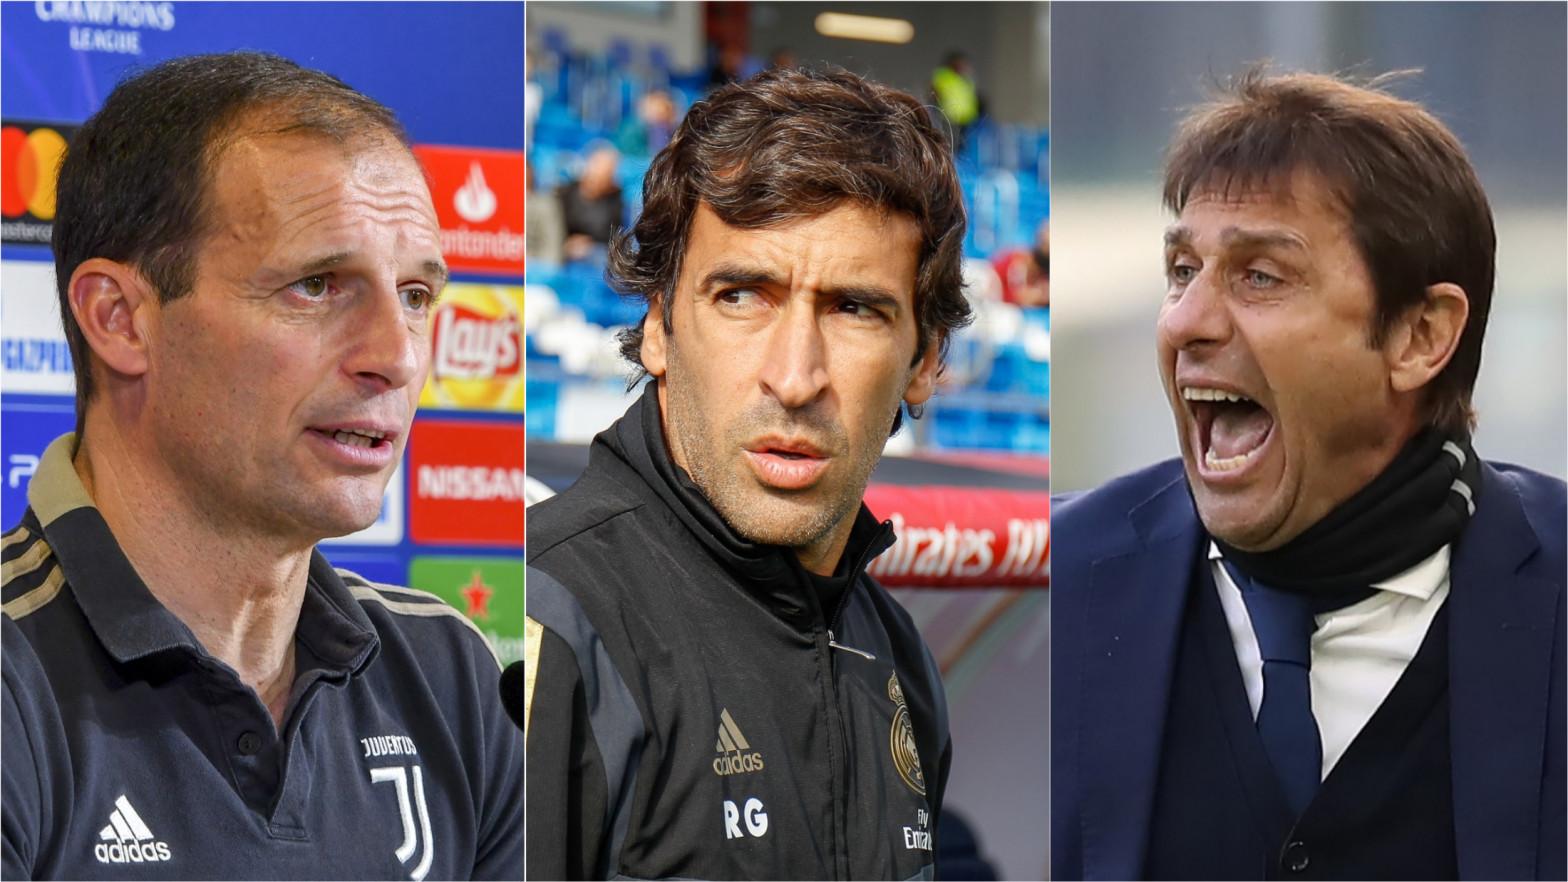 Encuesta | ¿Quién prefiere que sea el próximo entrenador del Real Madrid?